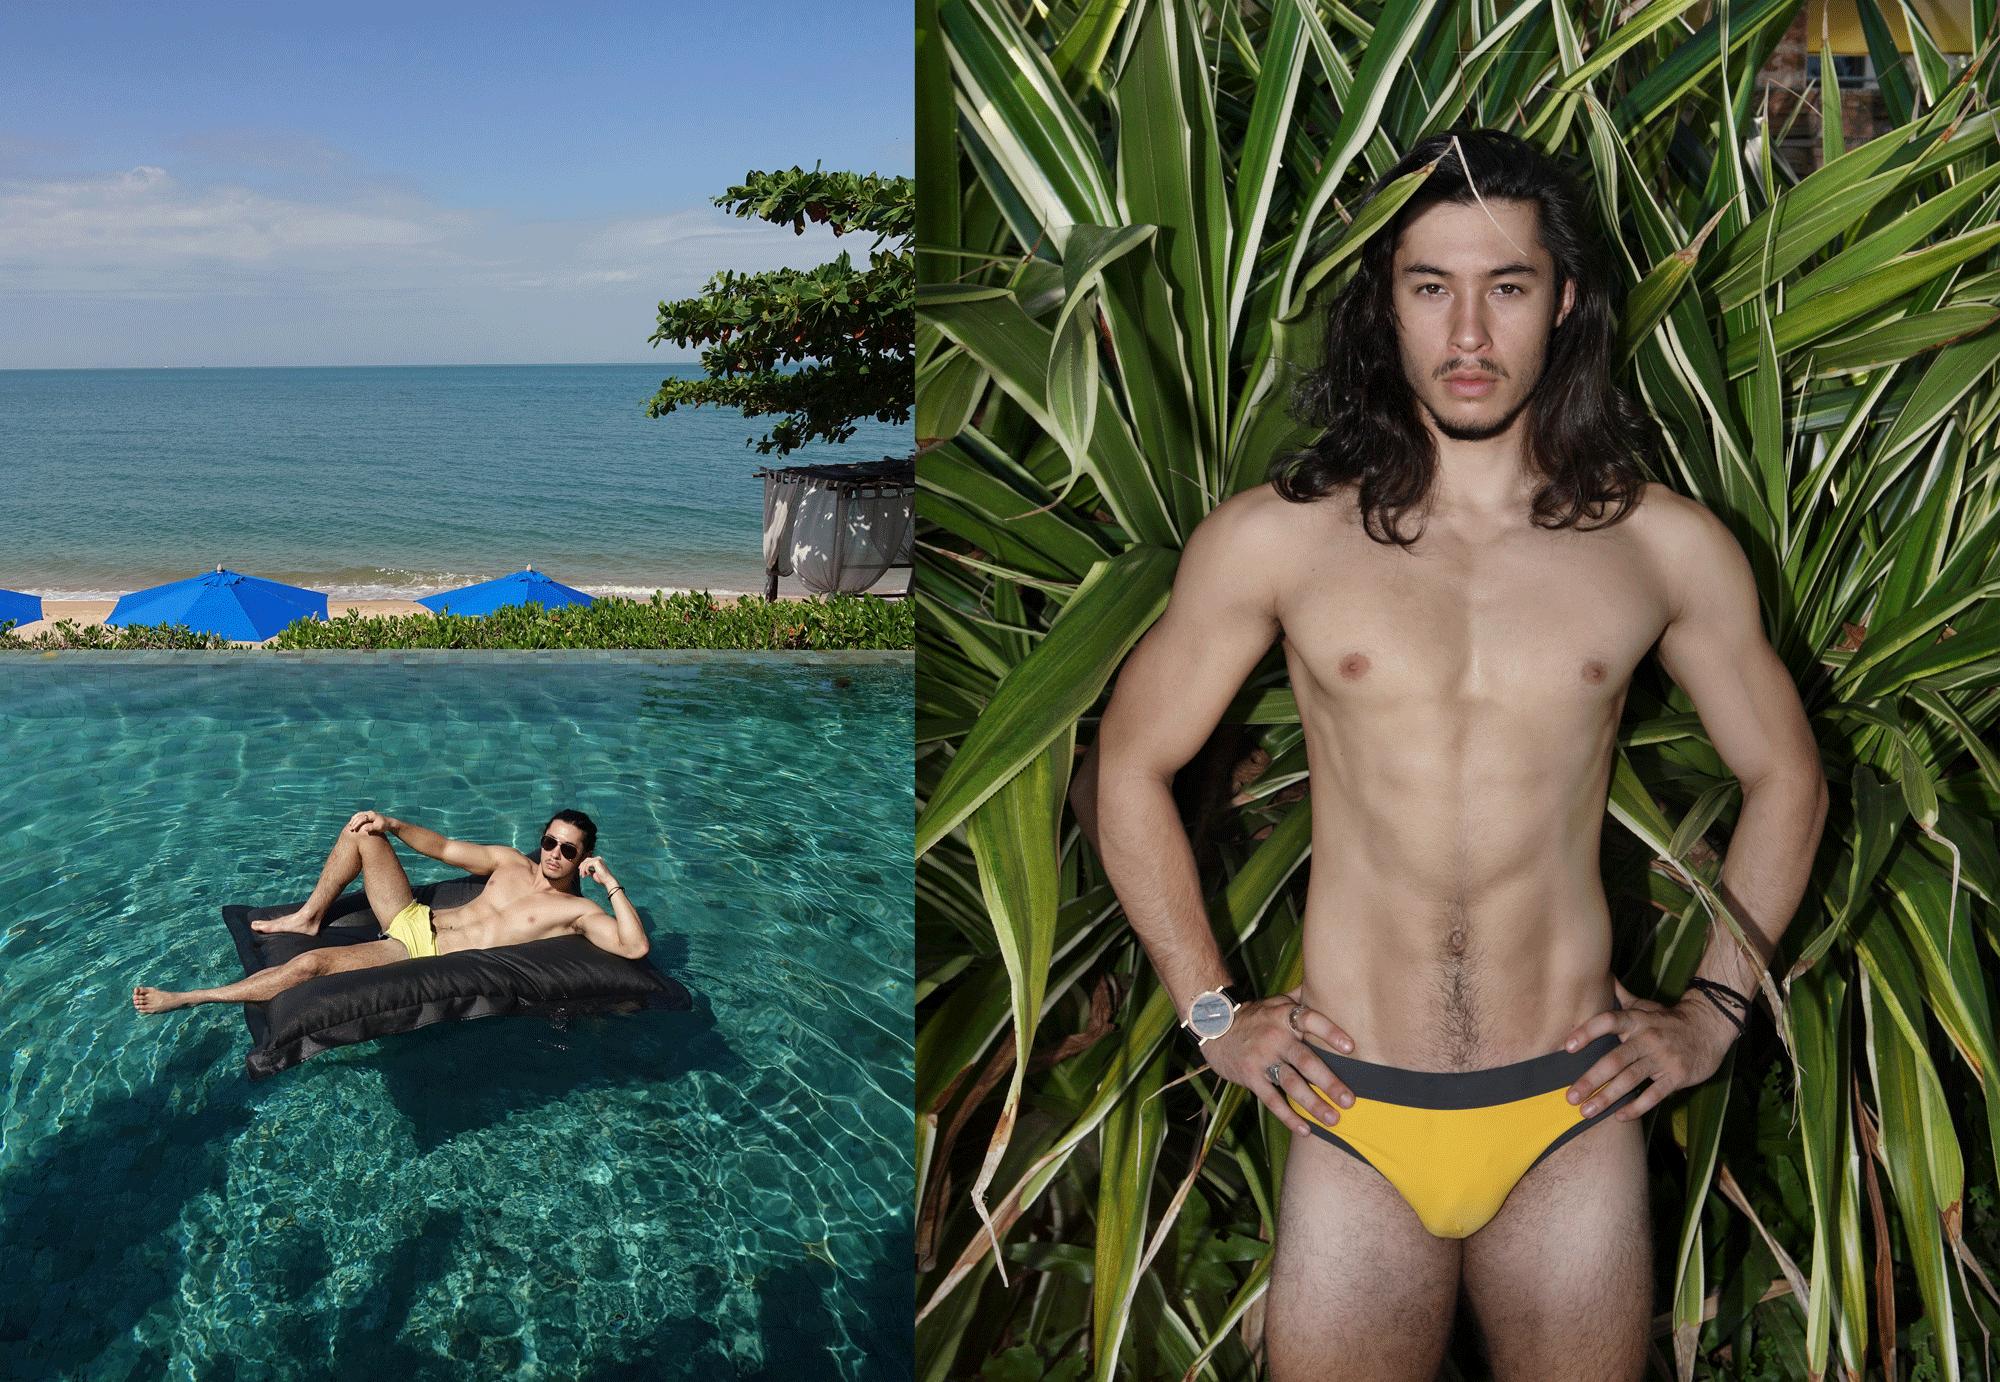 swimwear : NOXX / watch : FORREST